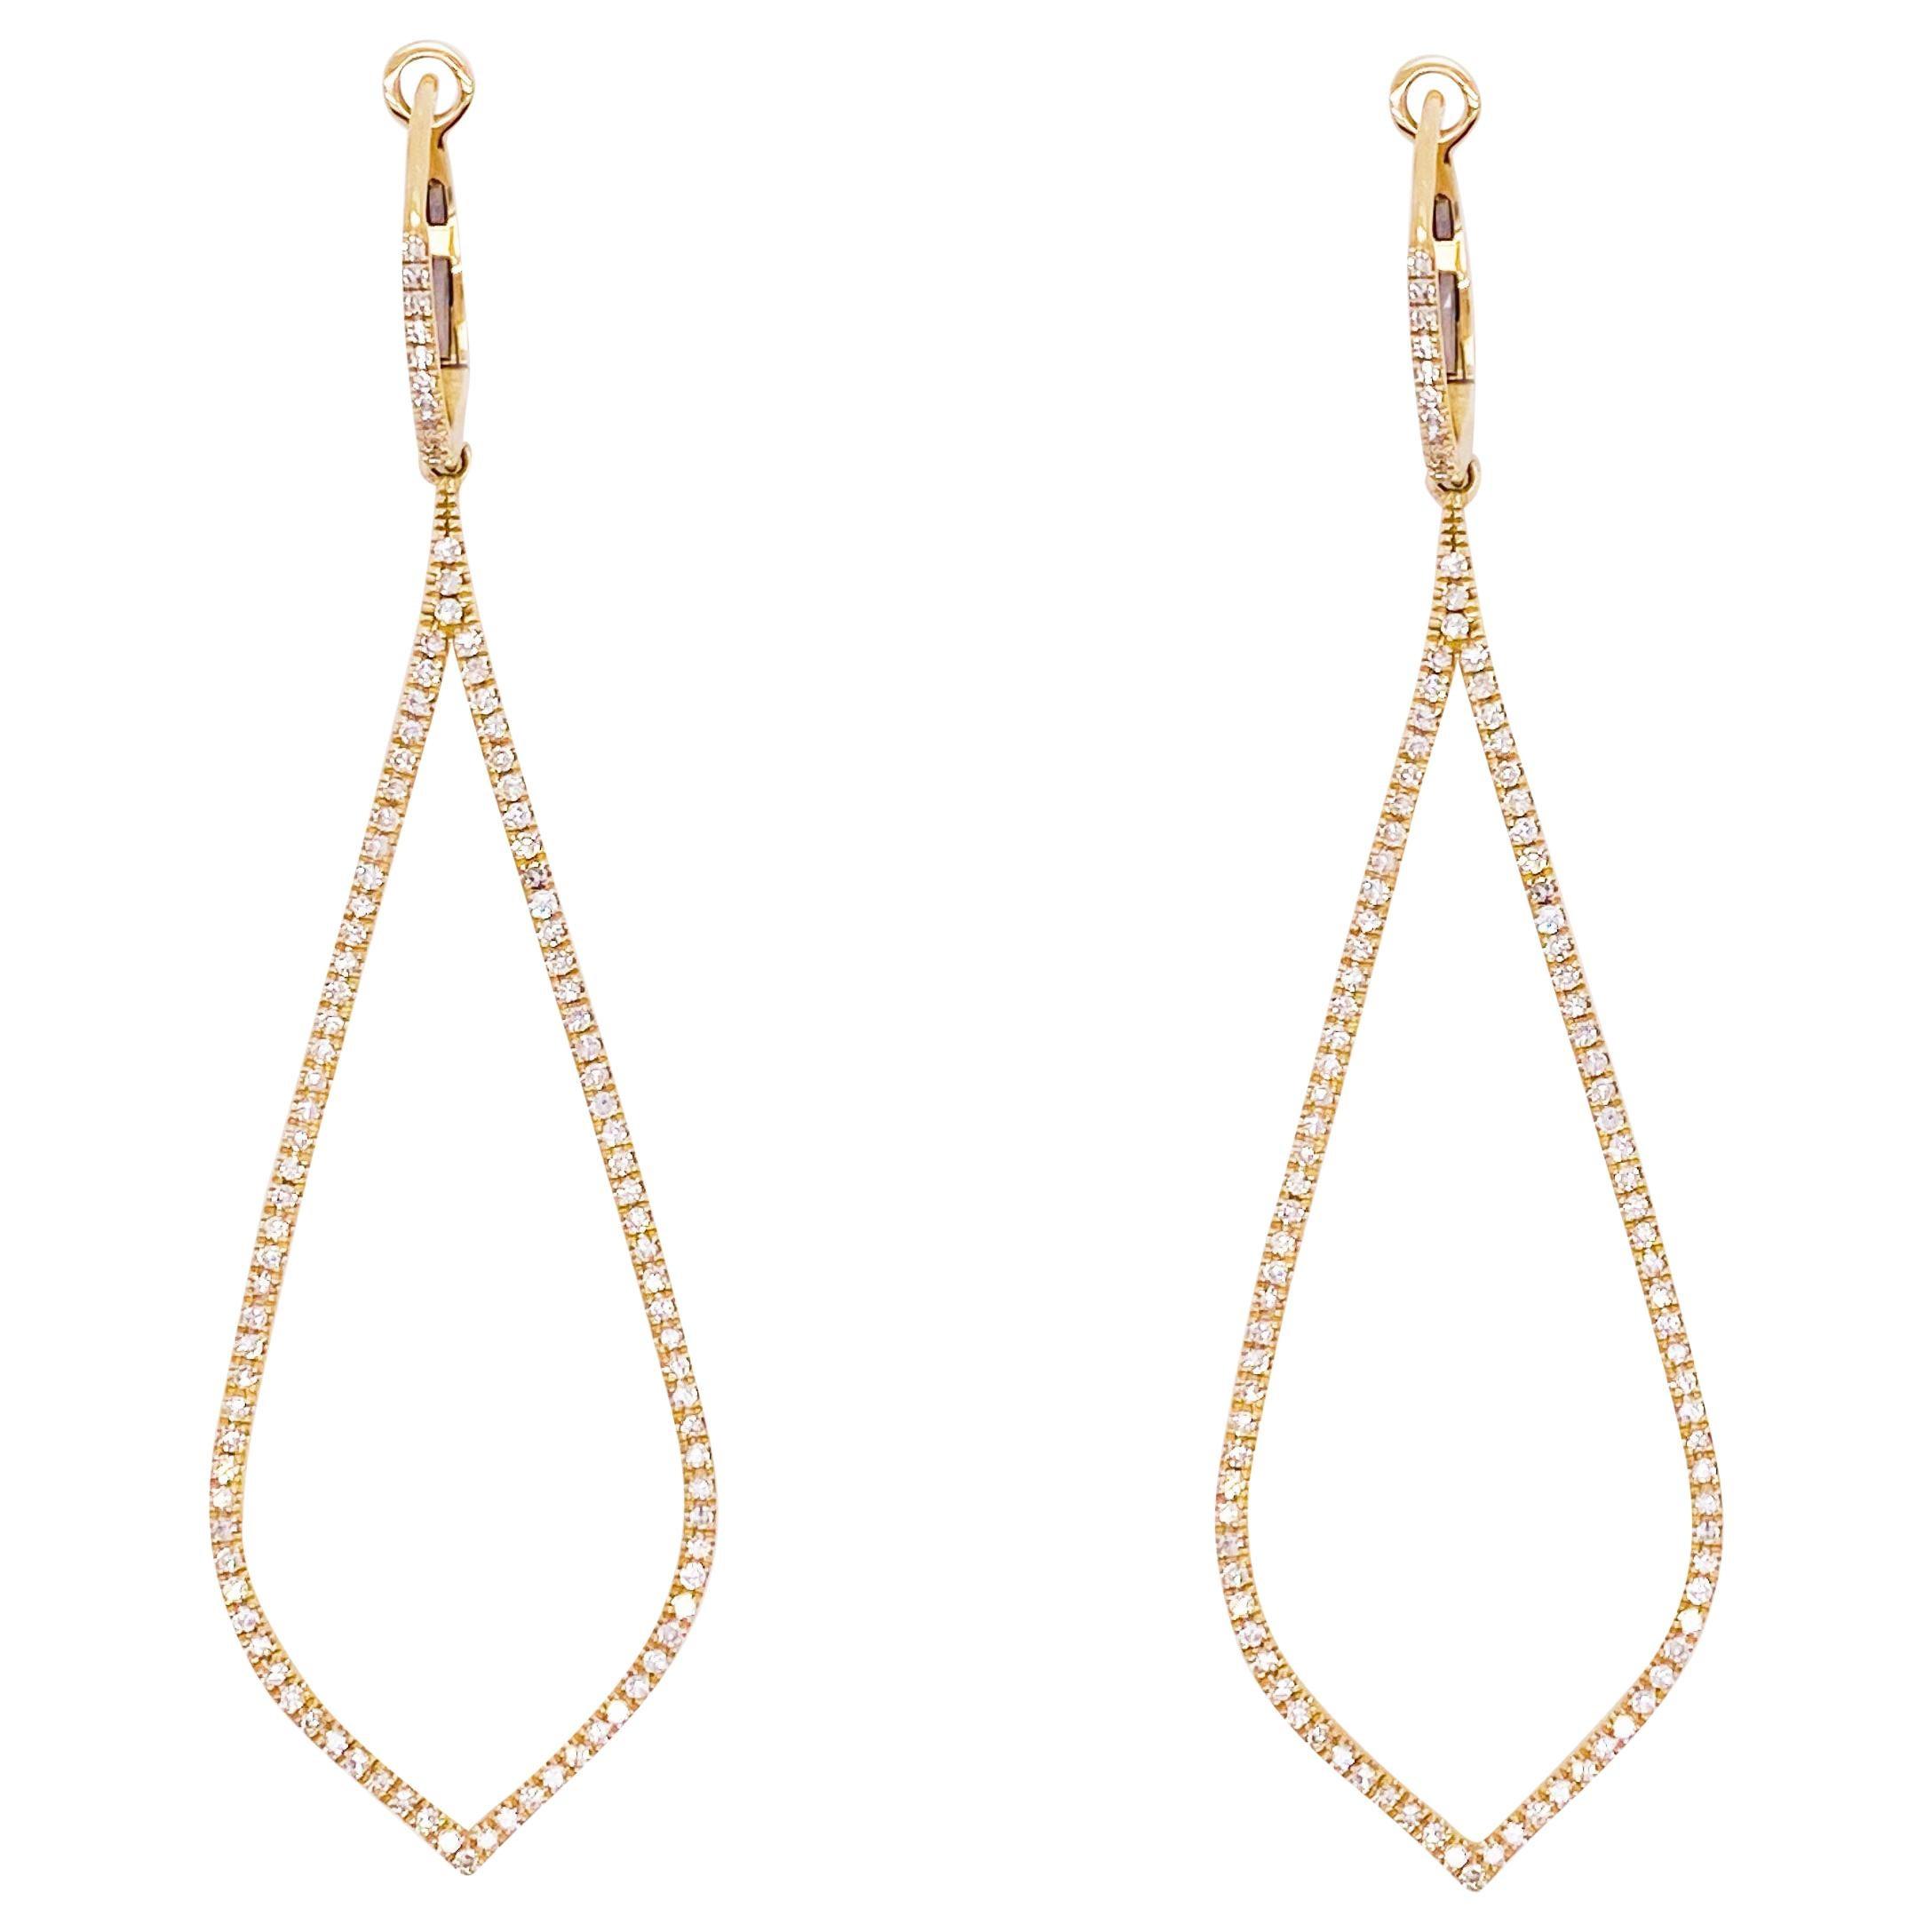 Striking Diamond Earrings, Tear Drop Diamond Shape Wedding Dangle Earrings